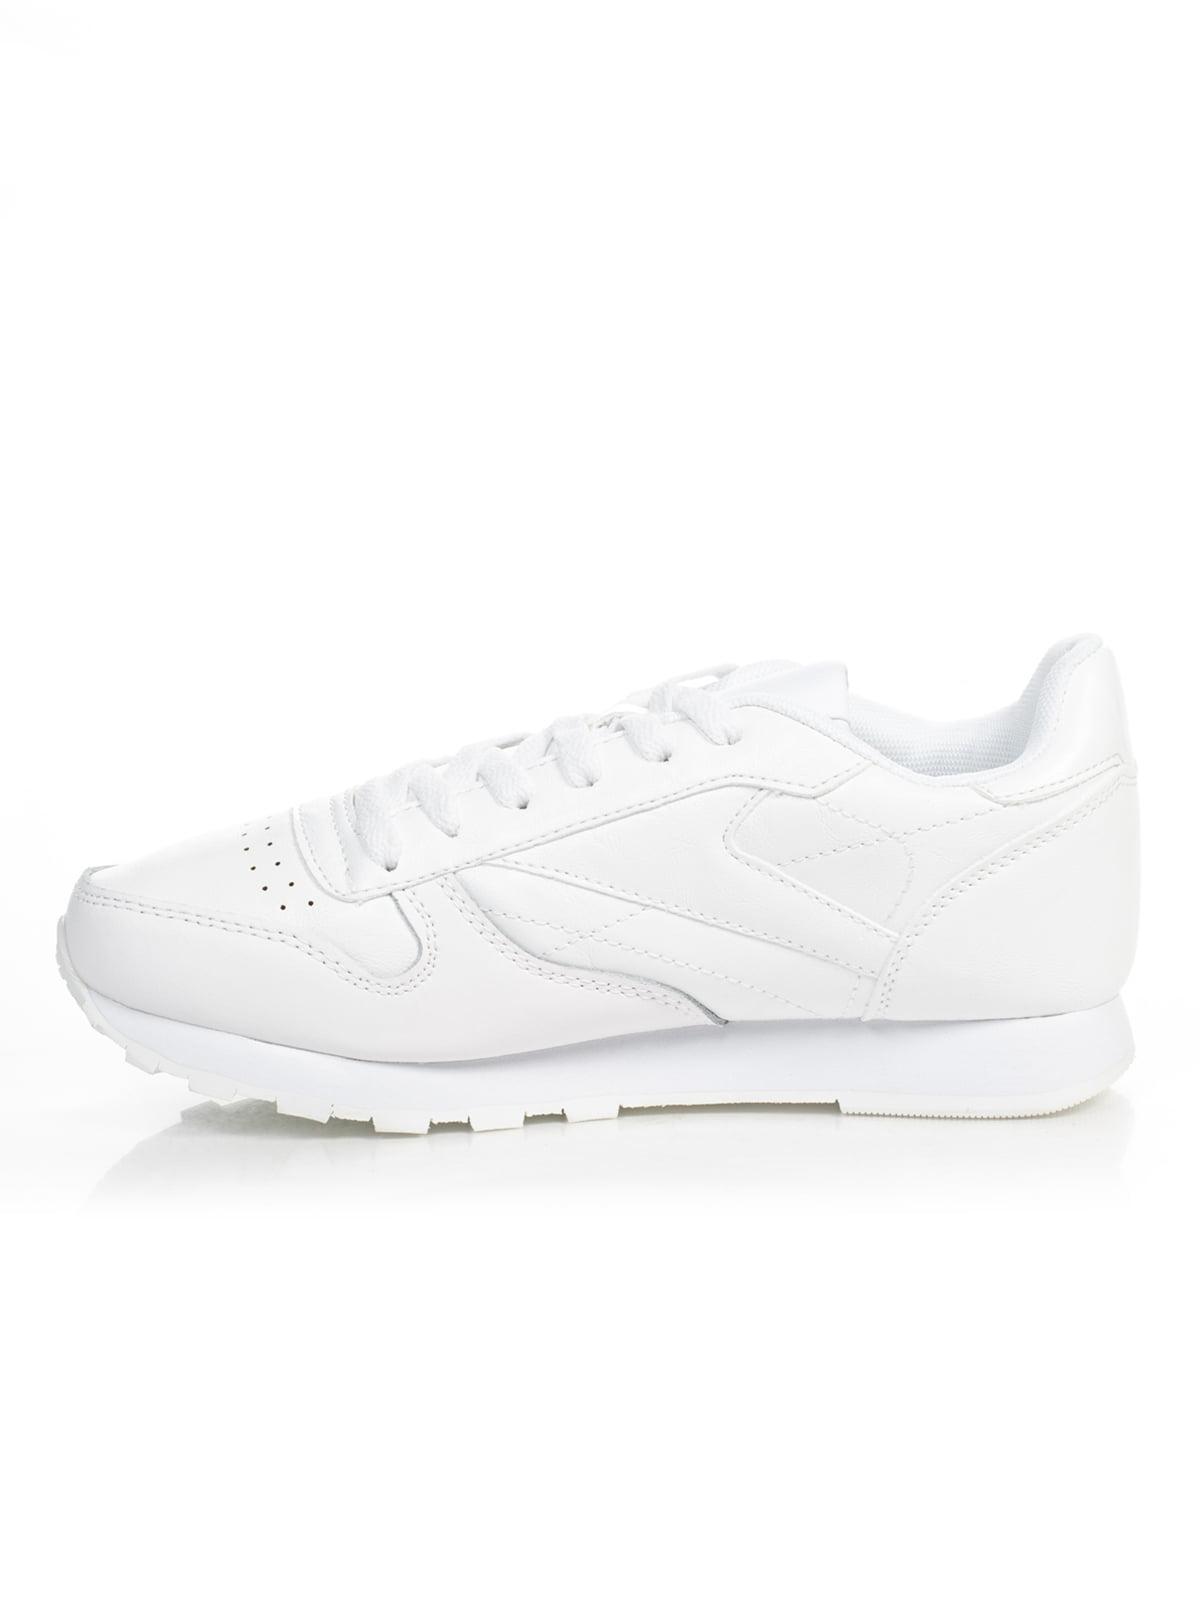 Кроссовки белые | 4826047 | фото 2